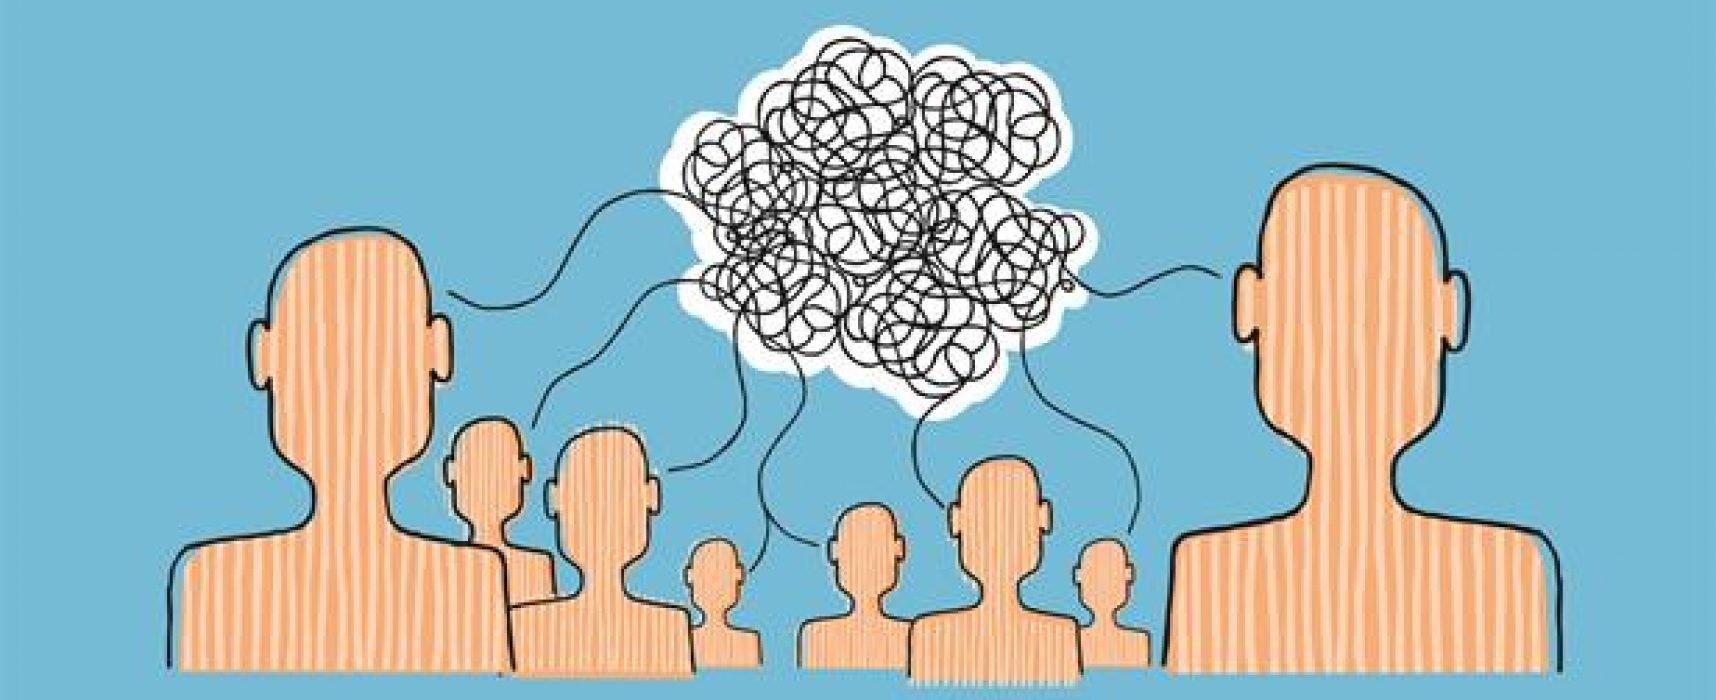 Ecco tutti i rischi (reali) della disinformazione online